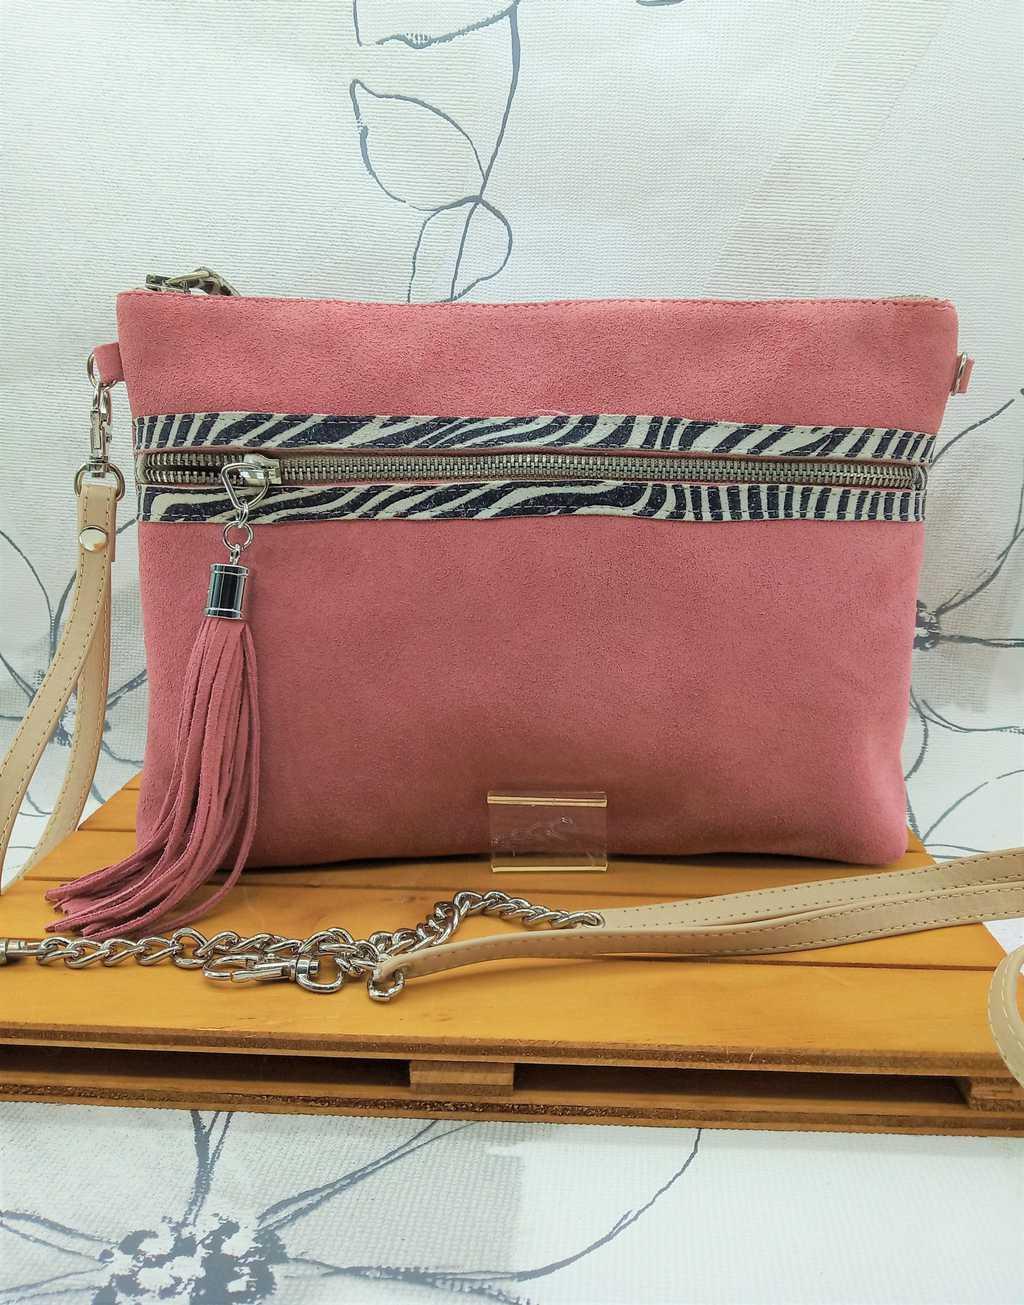 Bolso hecho a mano en serraje rosa y cebra